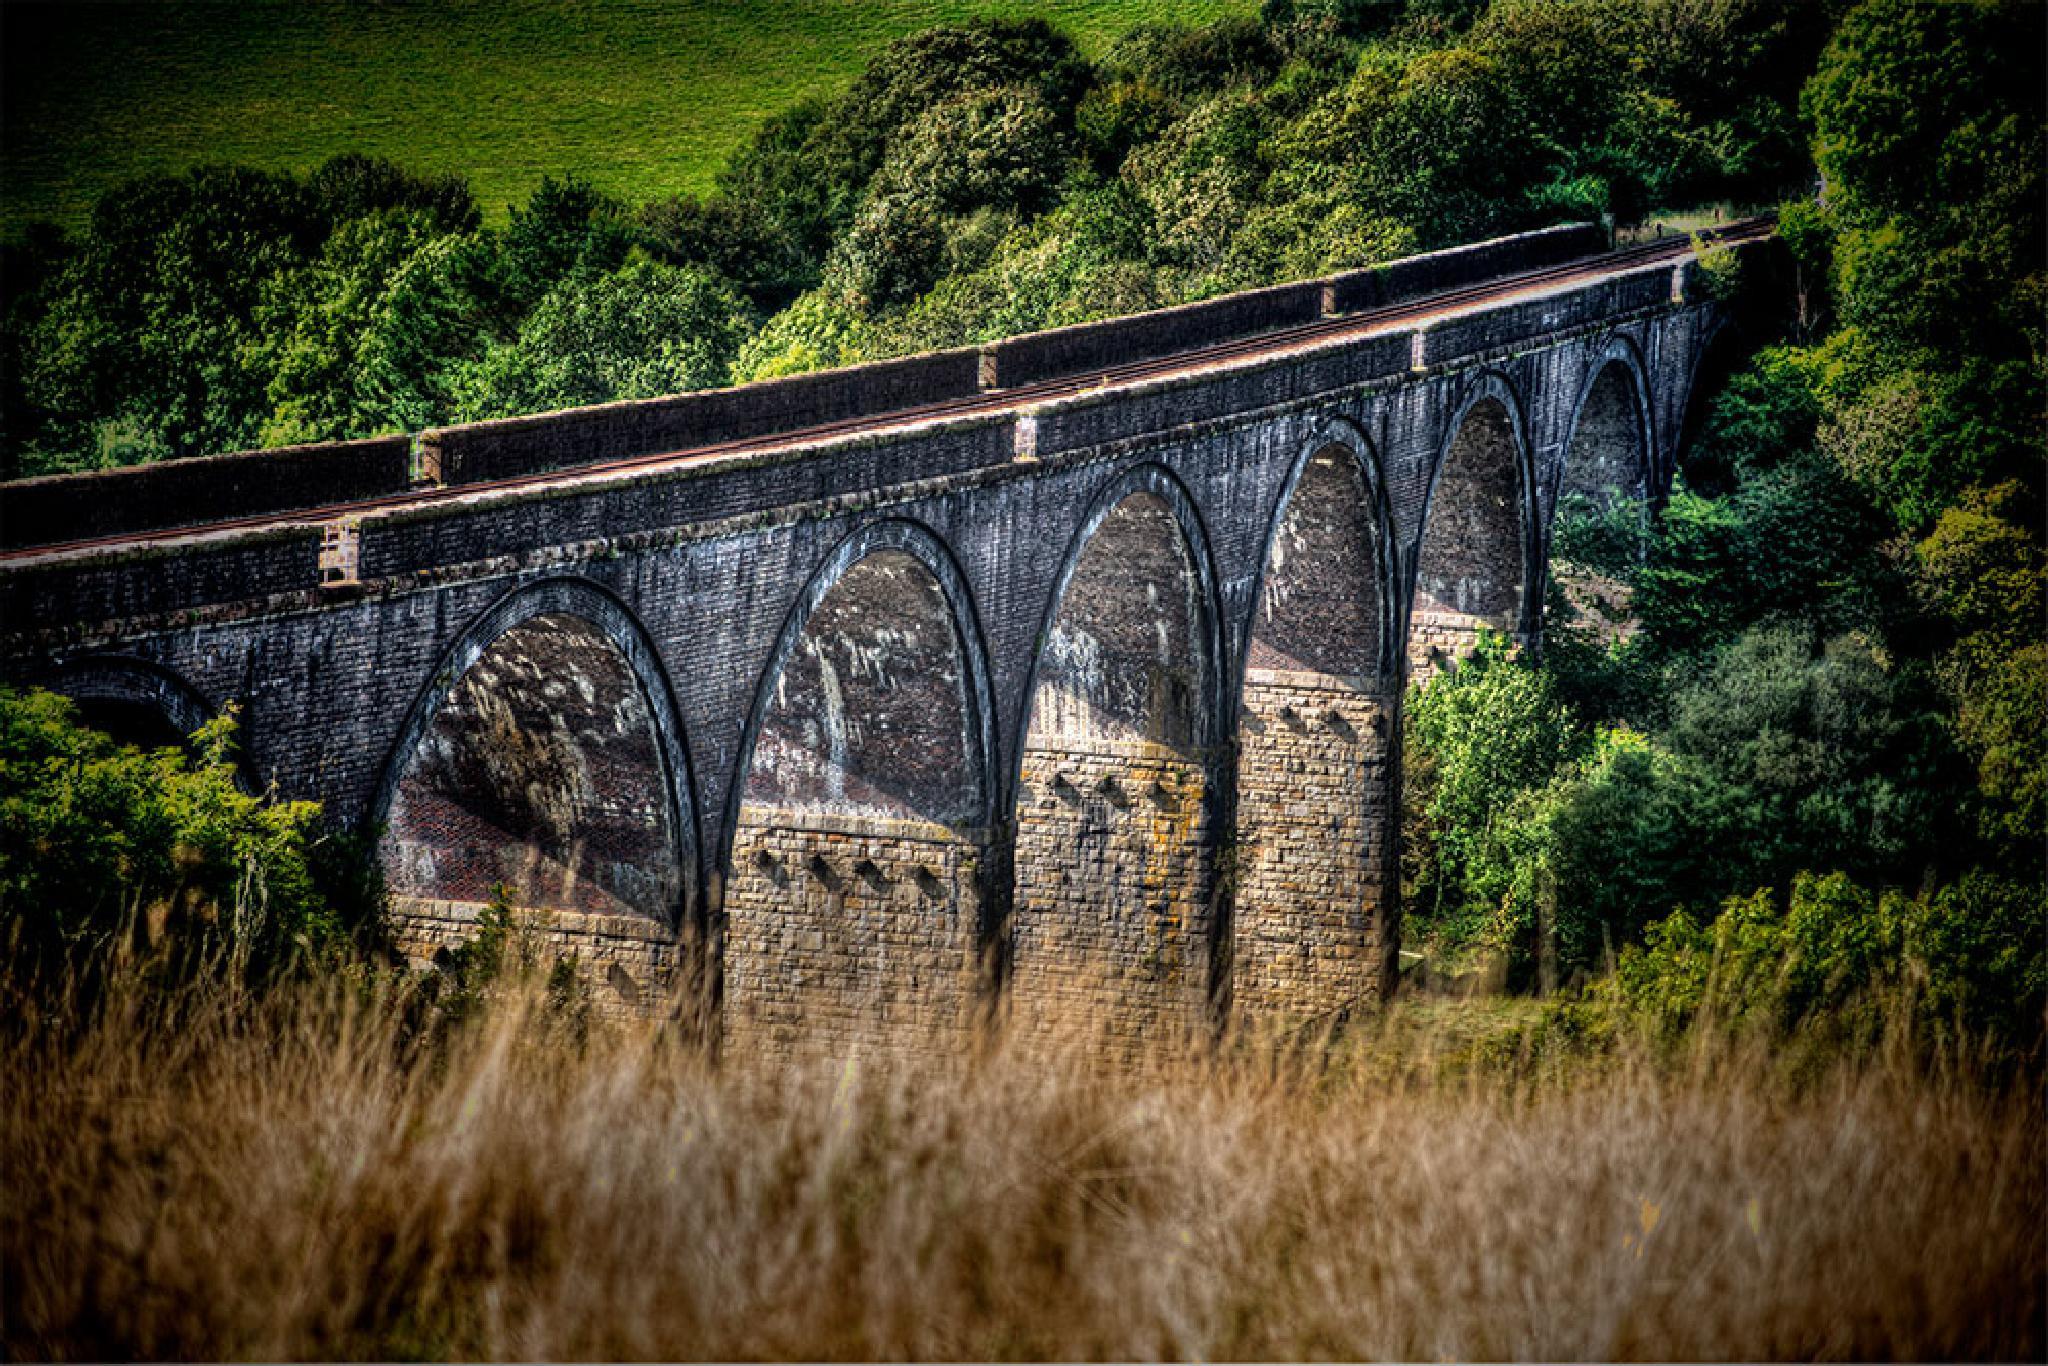 Saltsh Viaduct by mikepl12